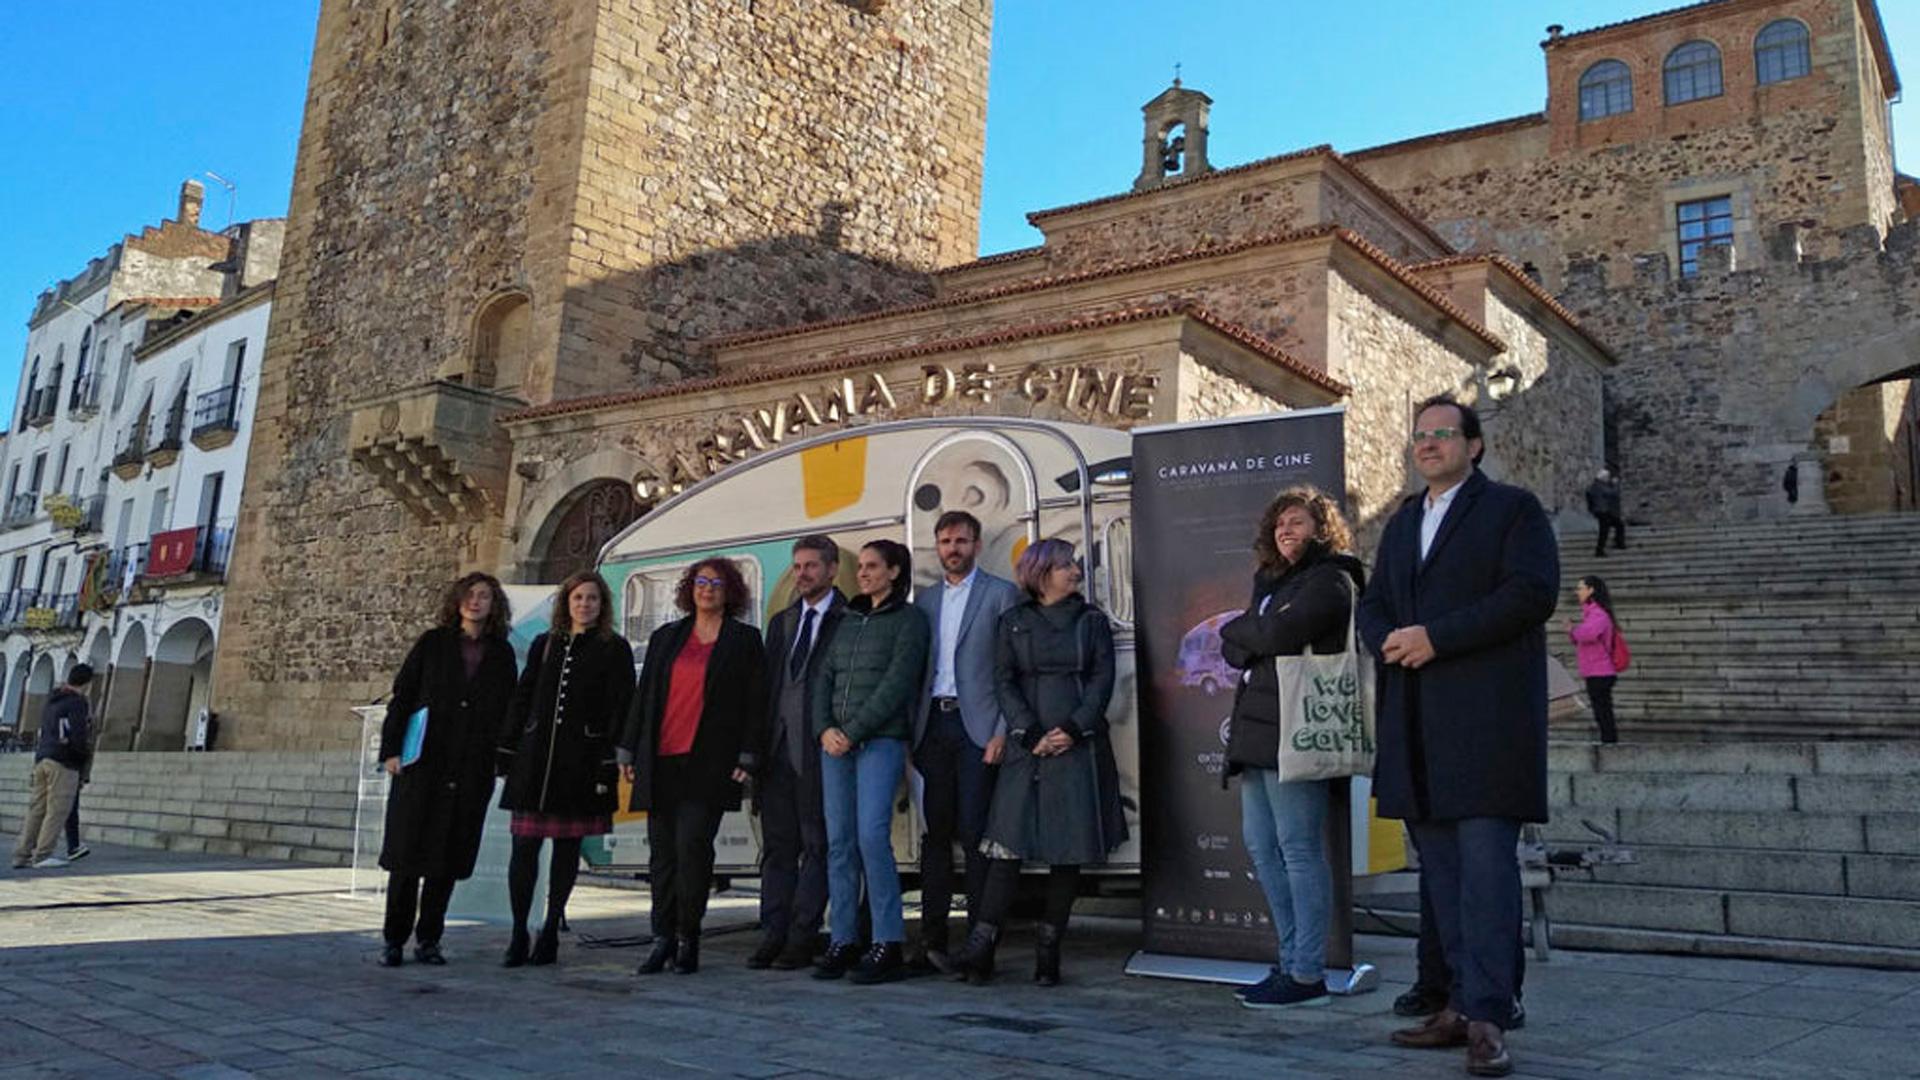 La caravana de cine se presenta en la Plaza Mayor de Cáceres